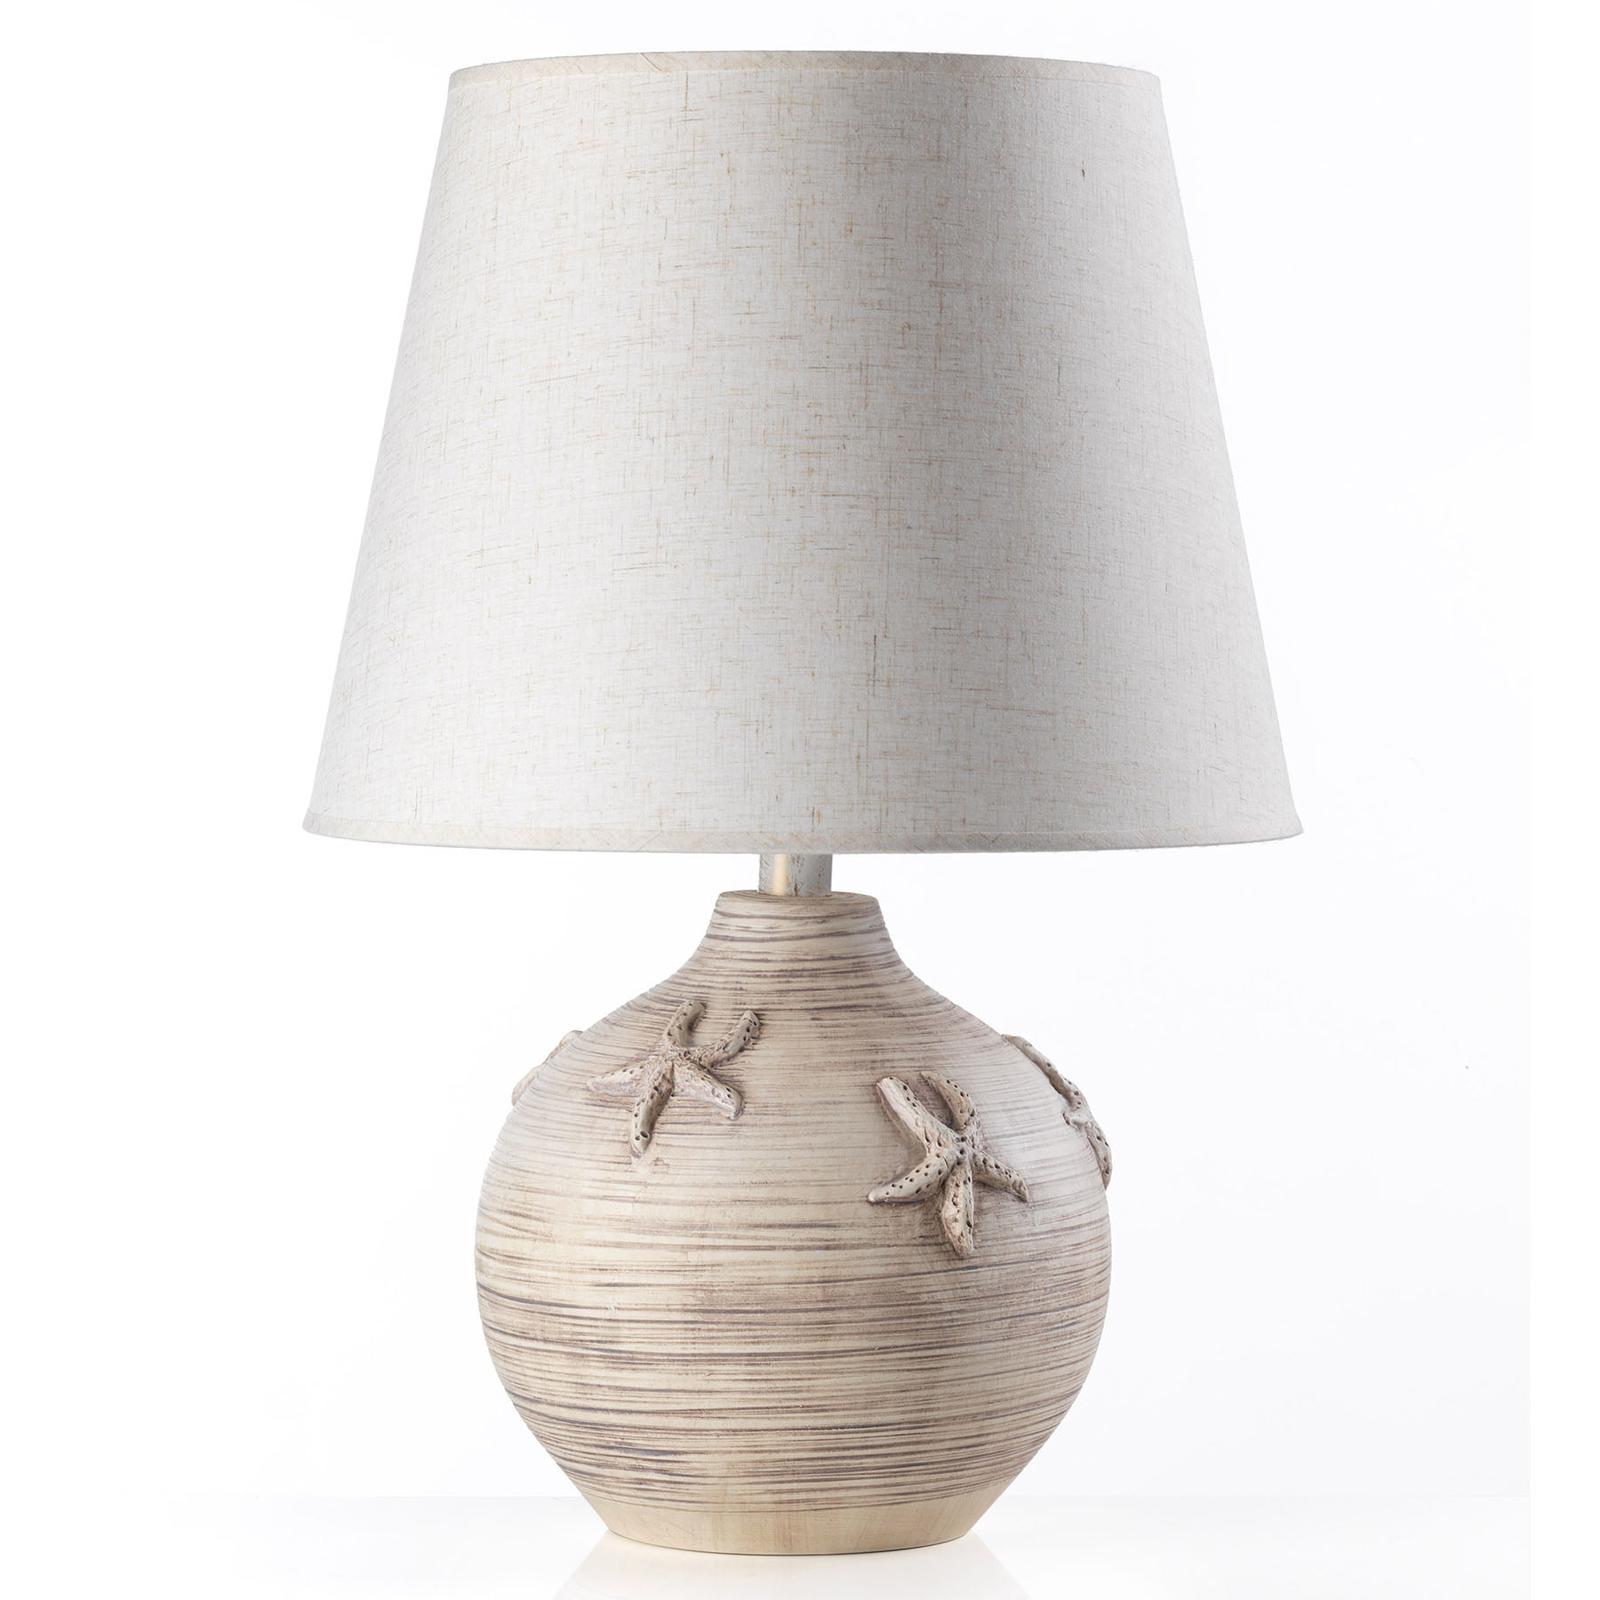 Pöytälamppu Marina, korkeus 61cm, meritähtikoriste